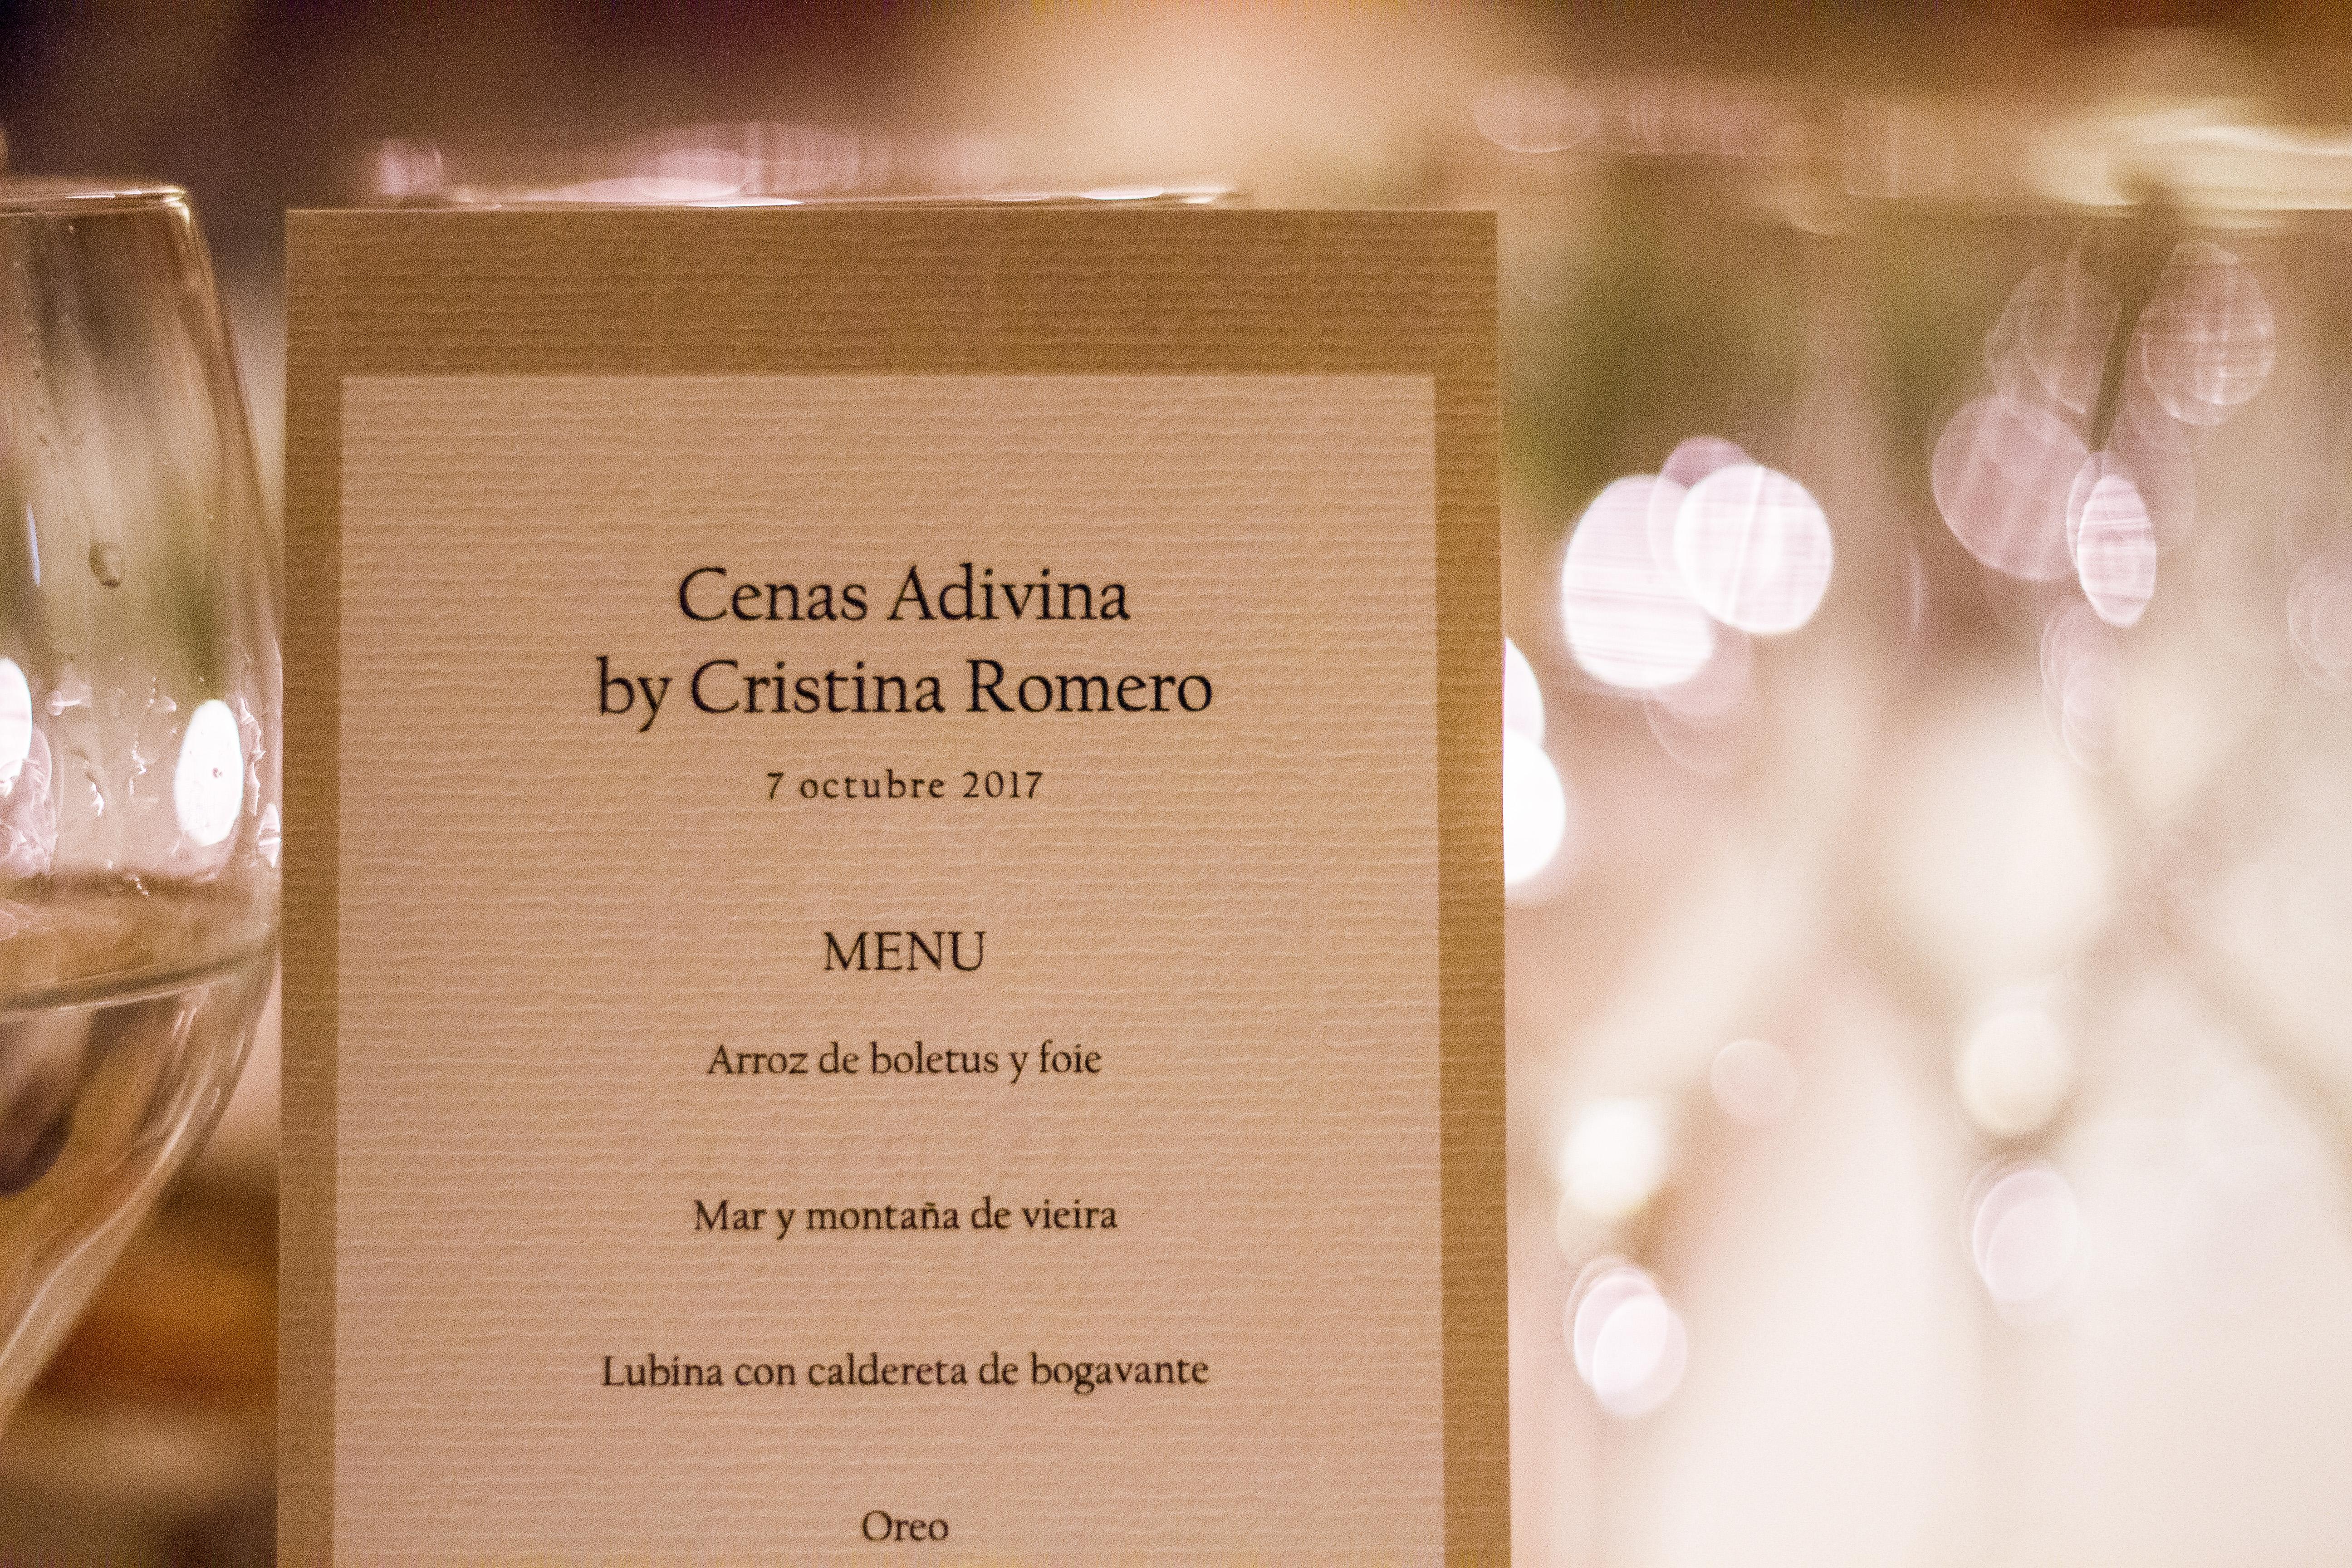 171007 - Cenas Adivina - C.Romero - 29